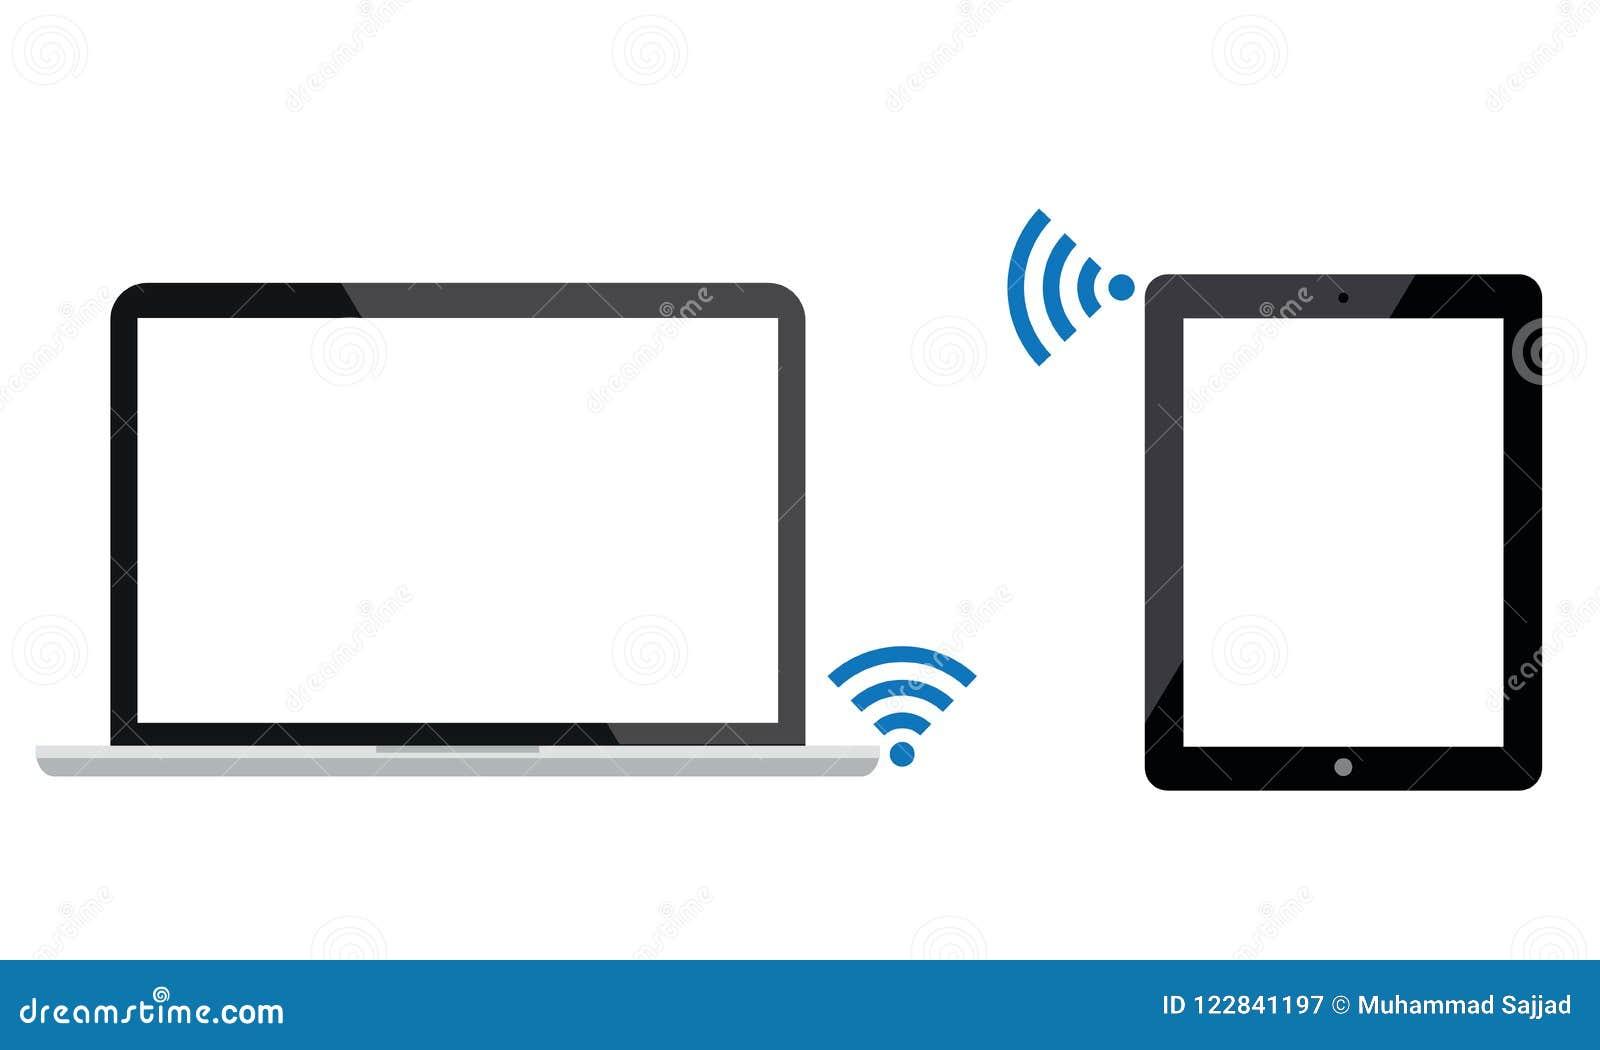 De Tablet van Android wordt Ipad verbonden aan Laptop door WiFi